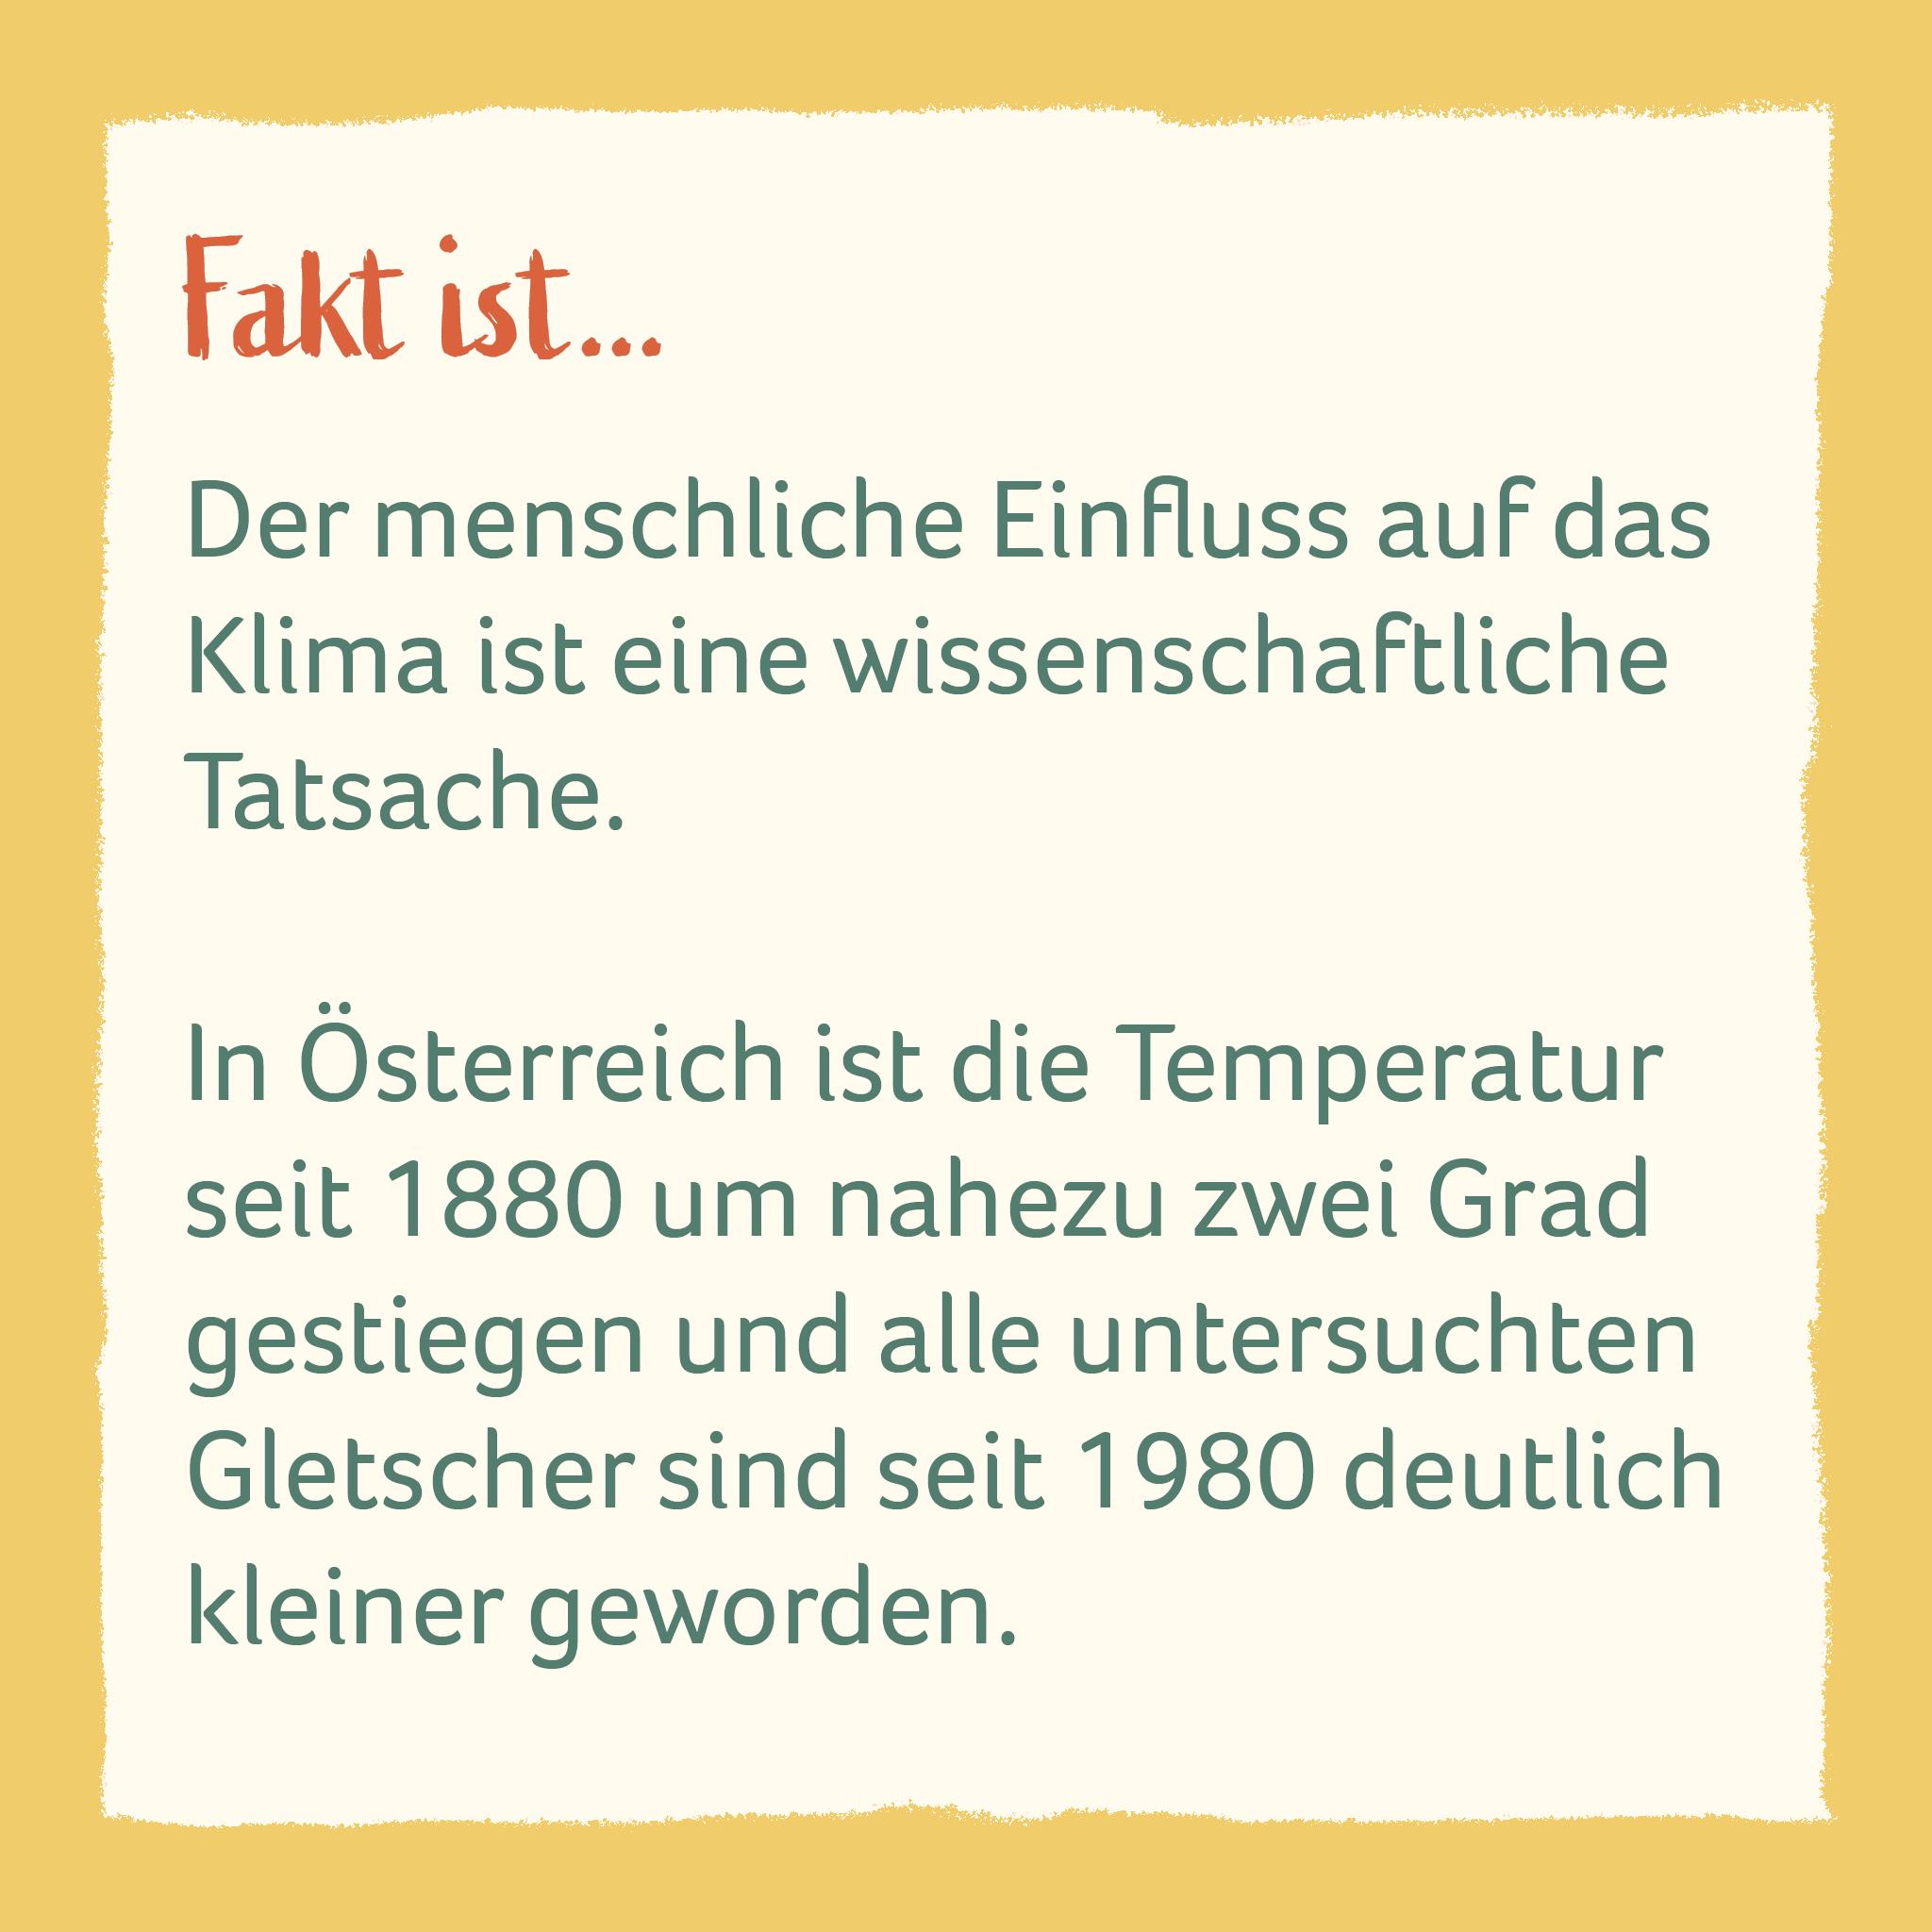 Der menschliche Einfluss auf das Klima ist eine wissenschaftliche Tatsache.  In Österreich ist die Temperatur seit 1880 um nahezu zwei Grad gestiegen und alle untersuchten Gletscher sind seit 1980 deutlich kleiner geworden.